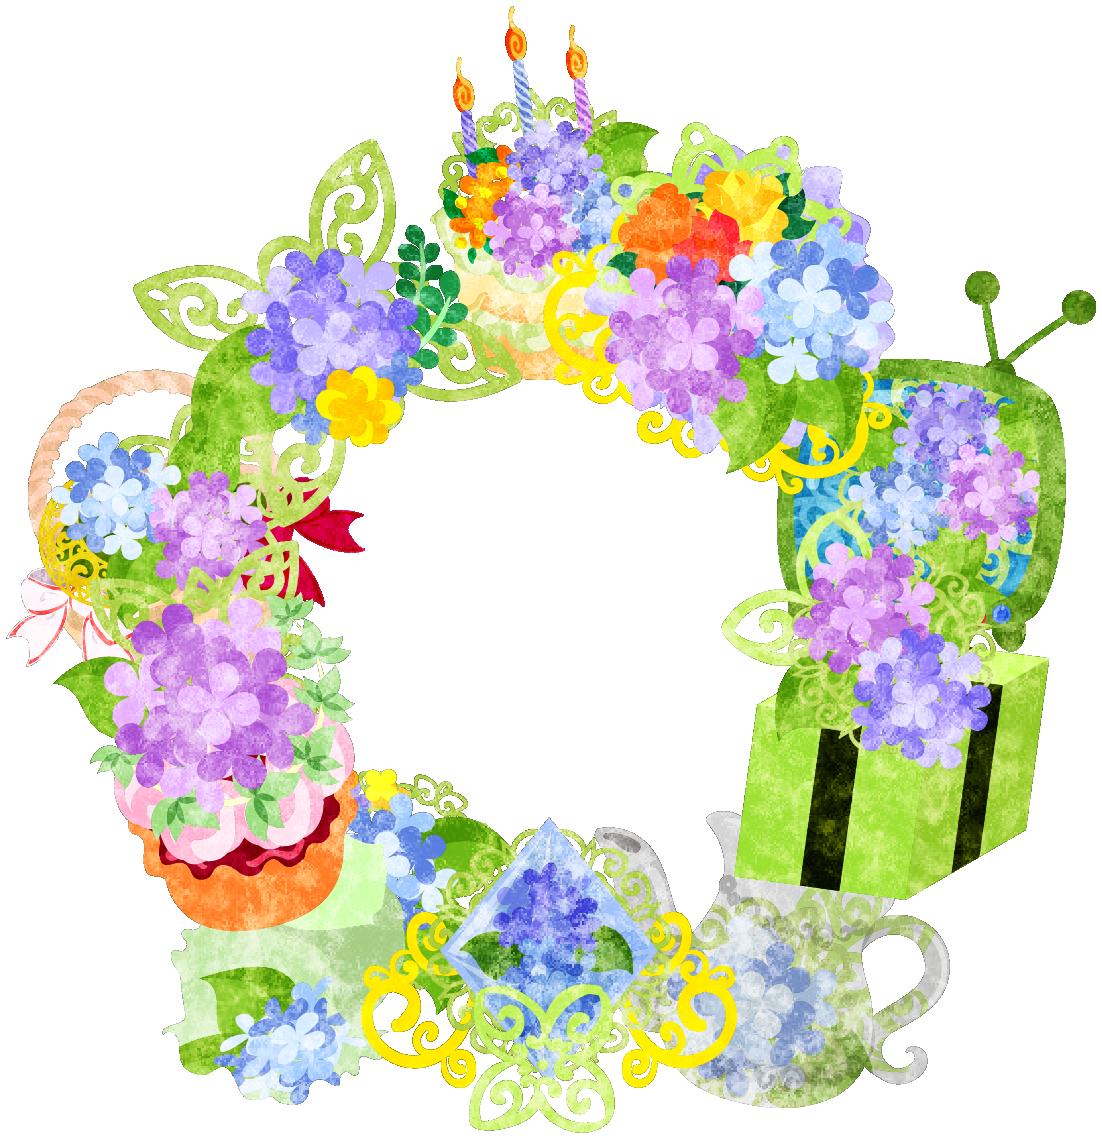 フリーイラスト素材「紫陽花の雑貨で作られたリース」 free